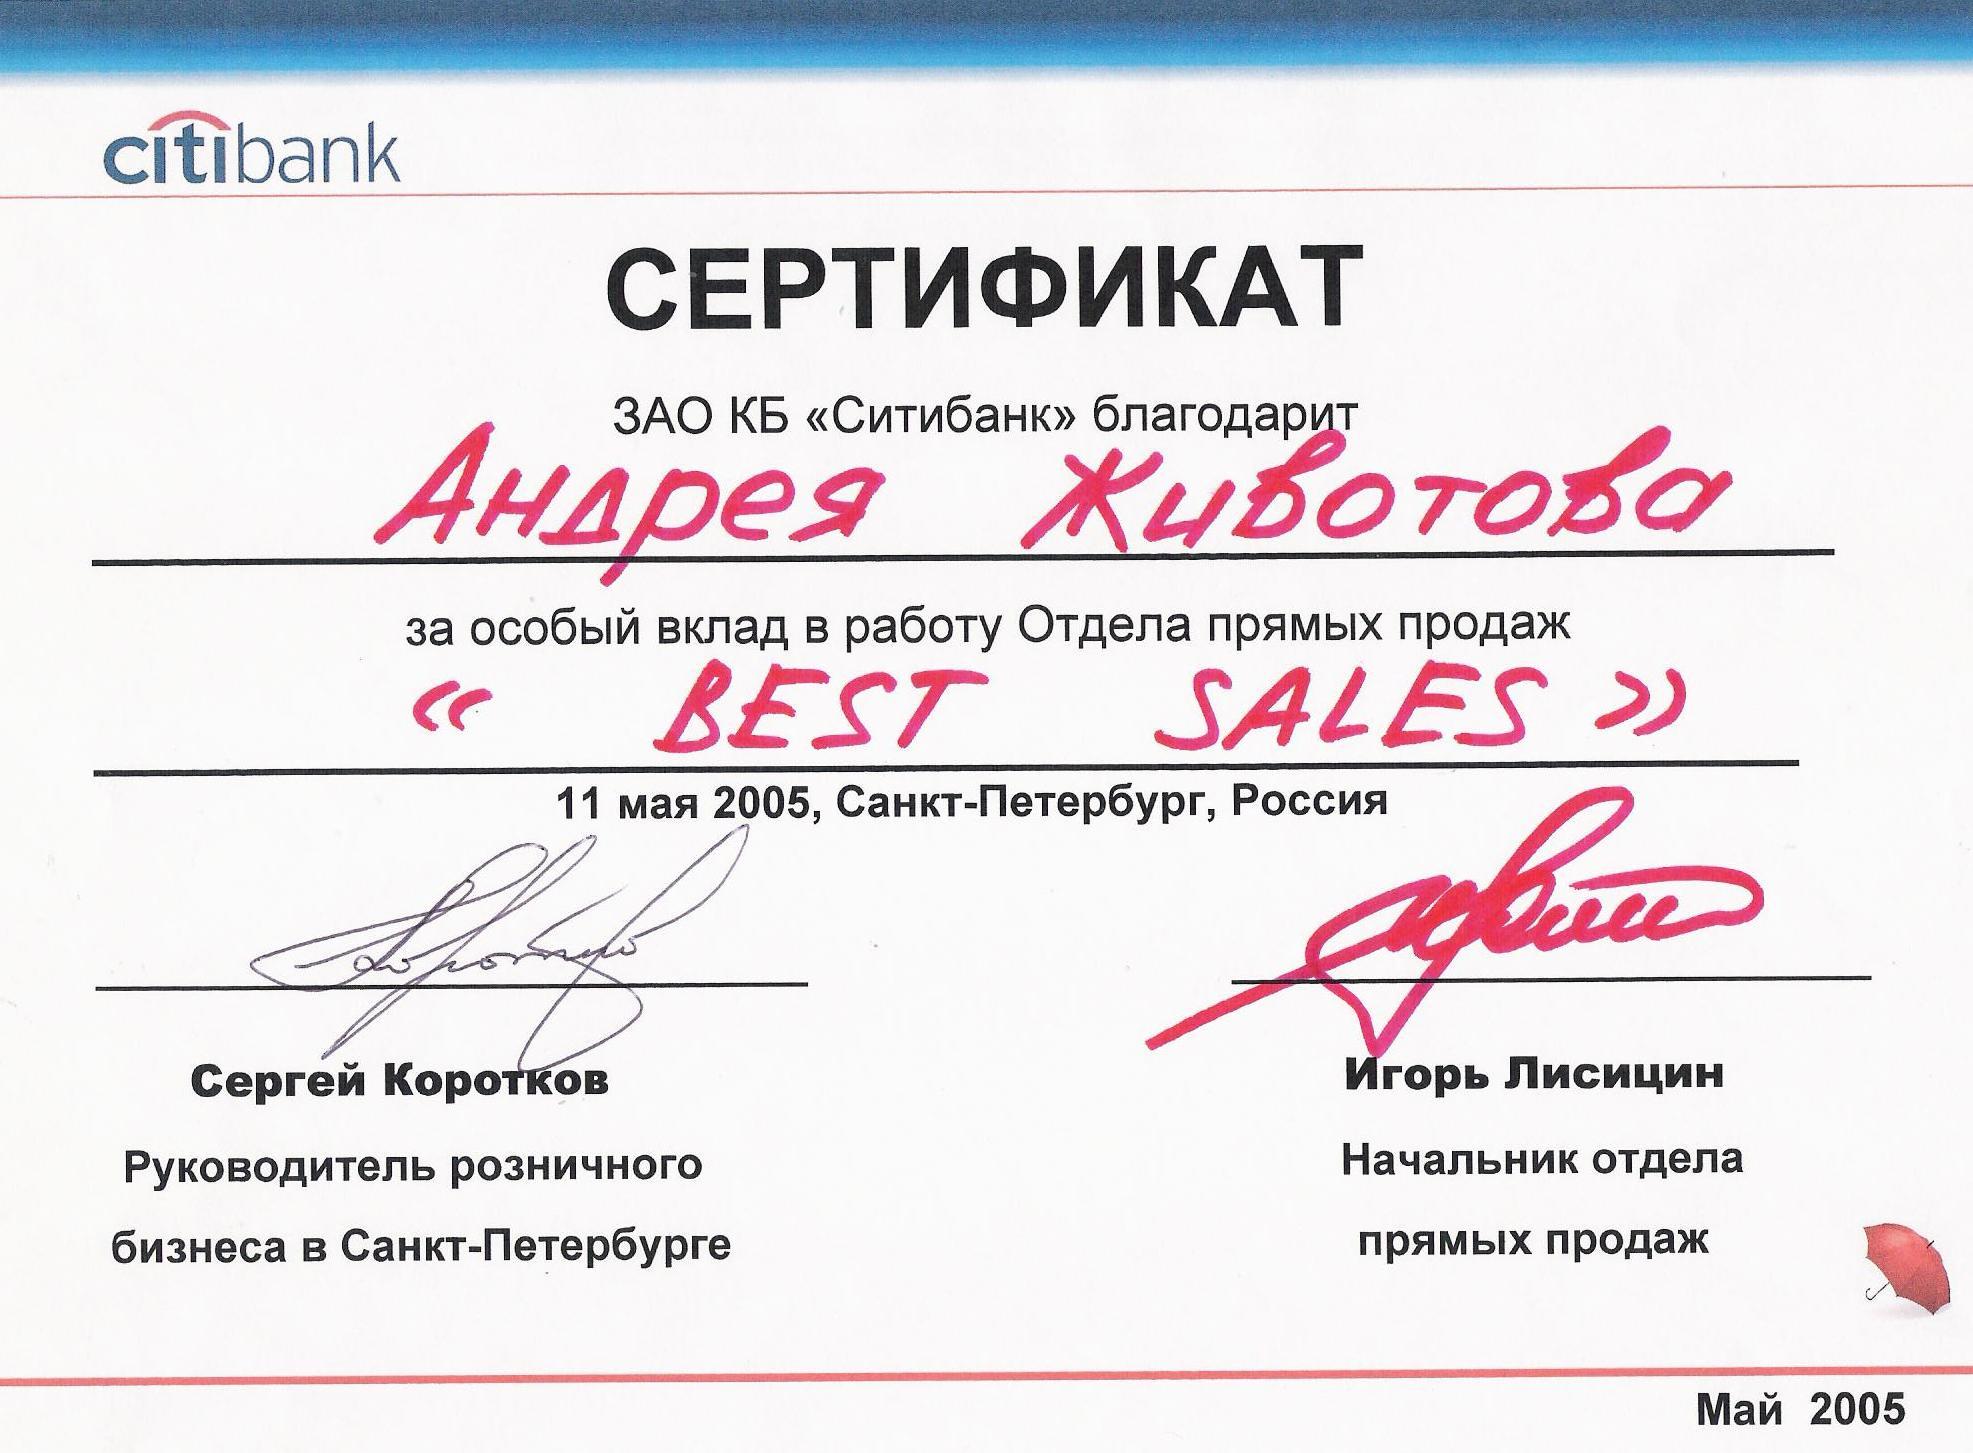 Citibank Zhivotov Korotkov Lisitsin